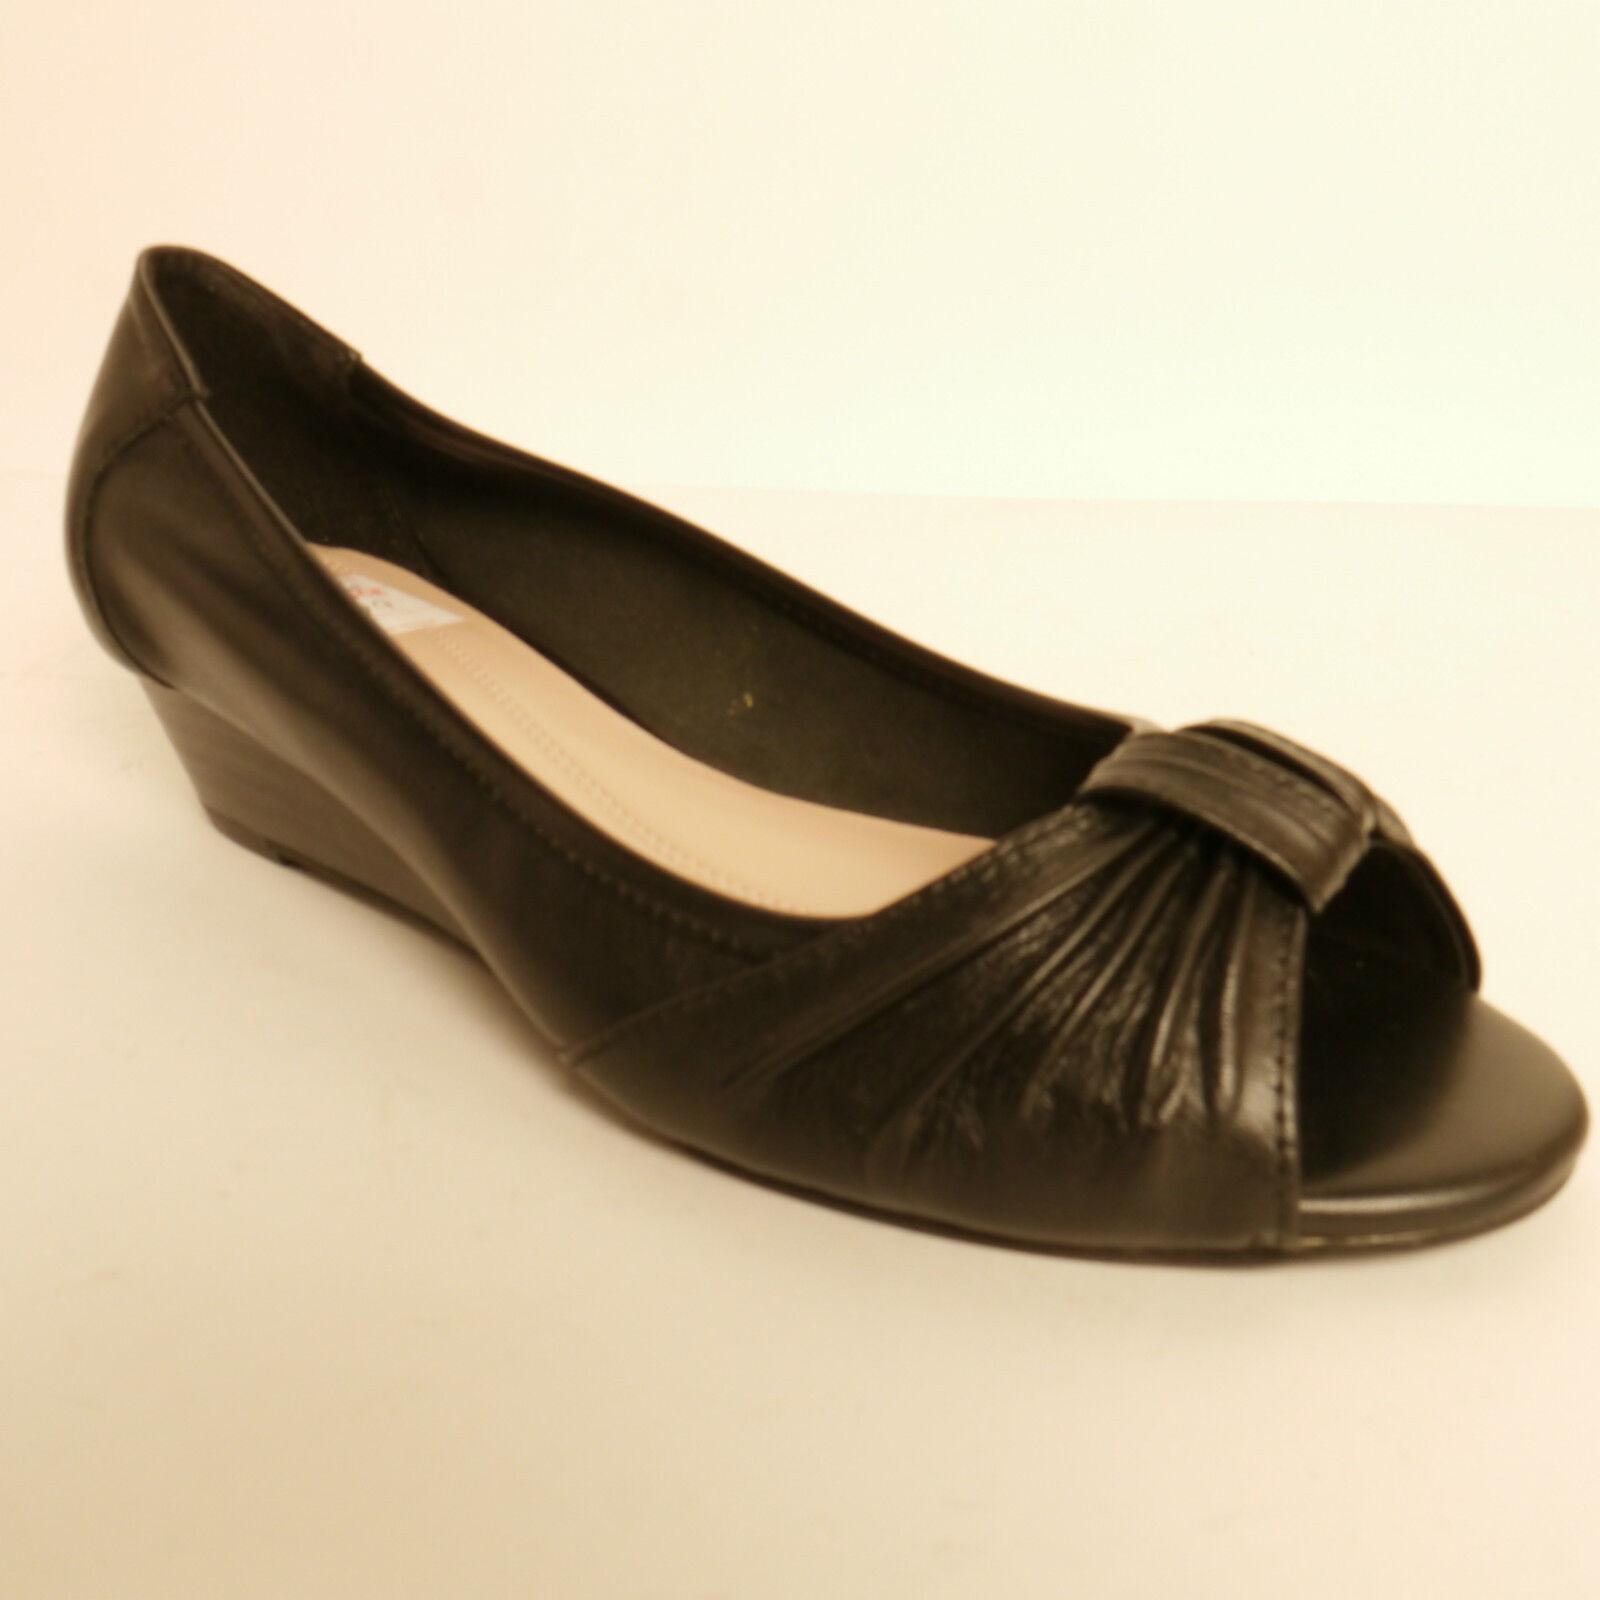 Ladies Lotus Joy Peep Toe shoes Wedge Heel Black Leather   Bargain